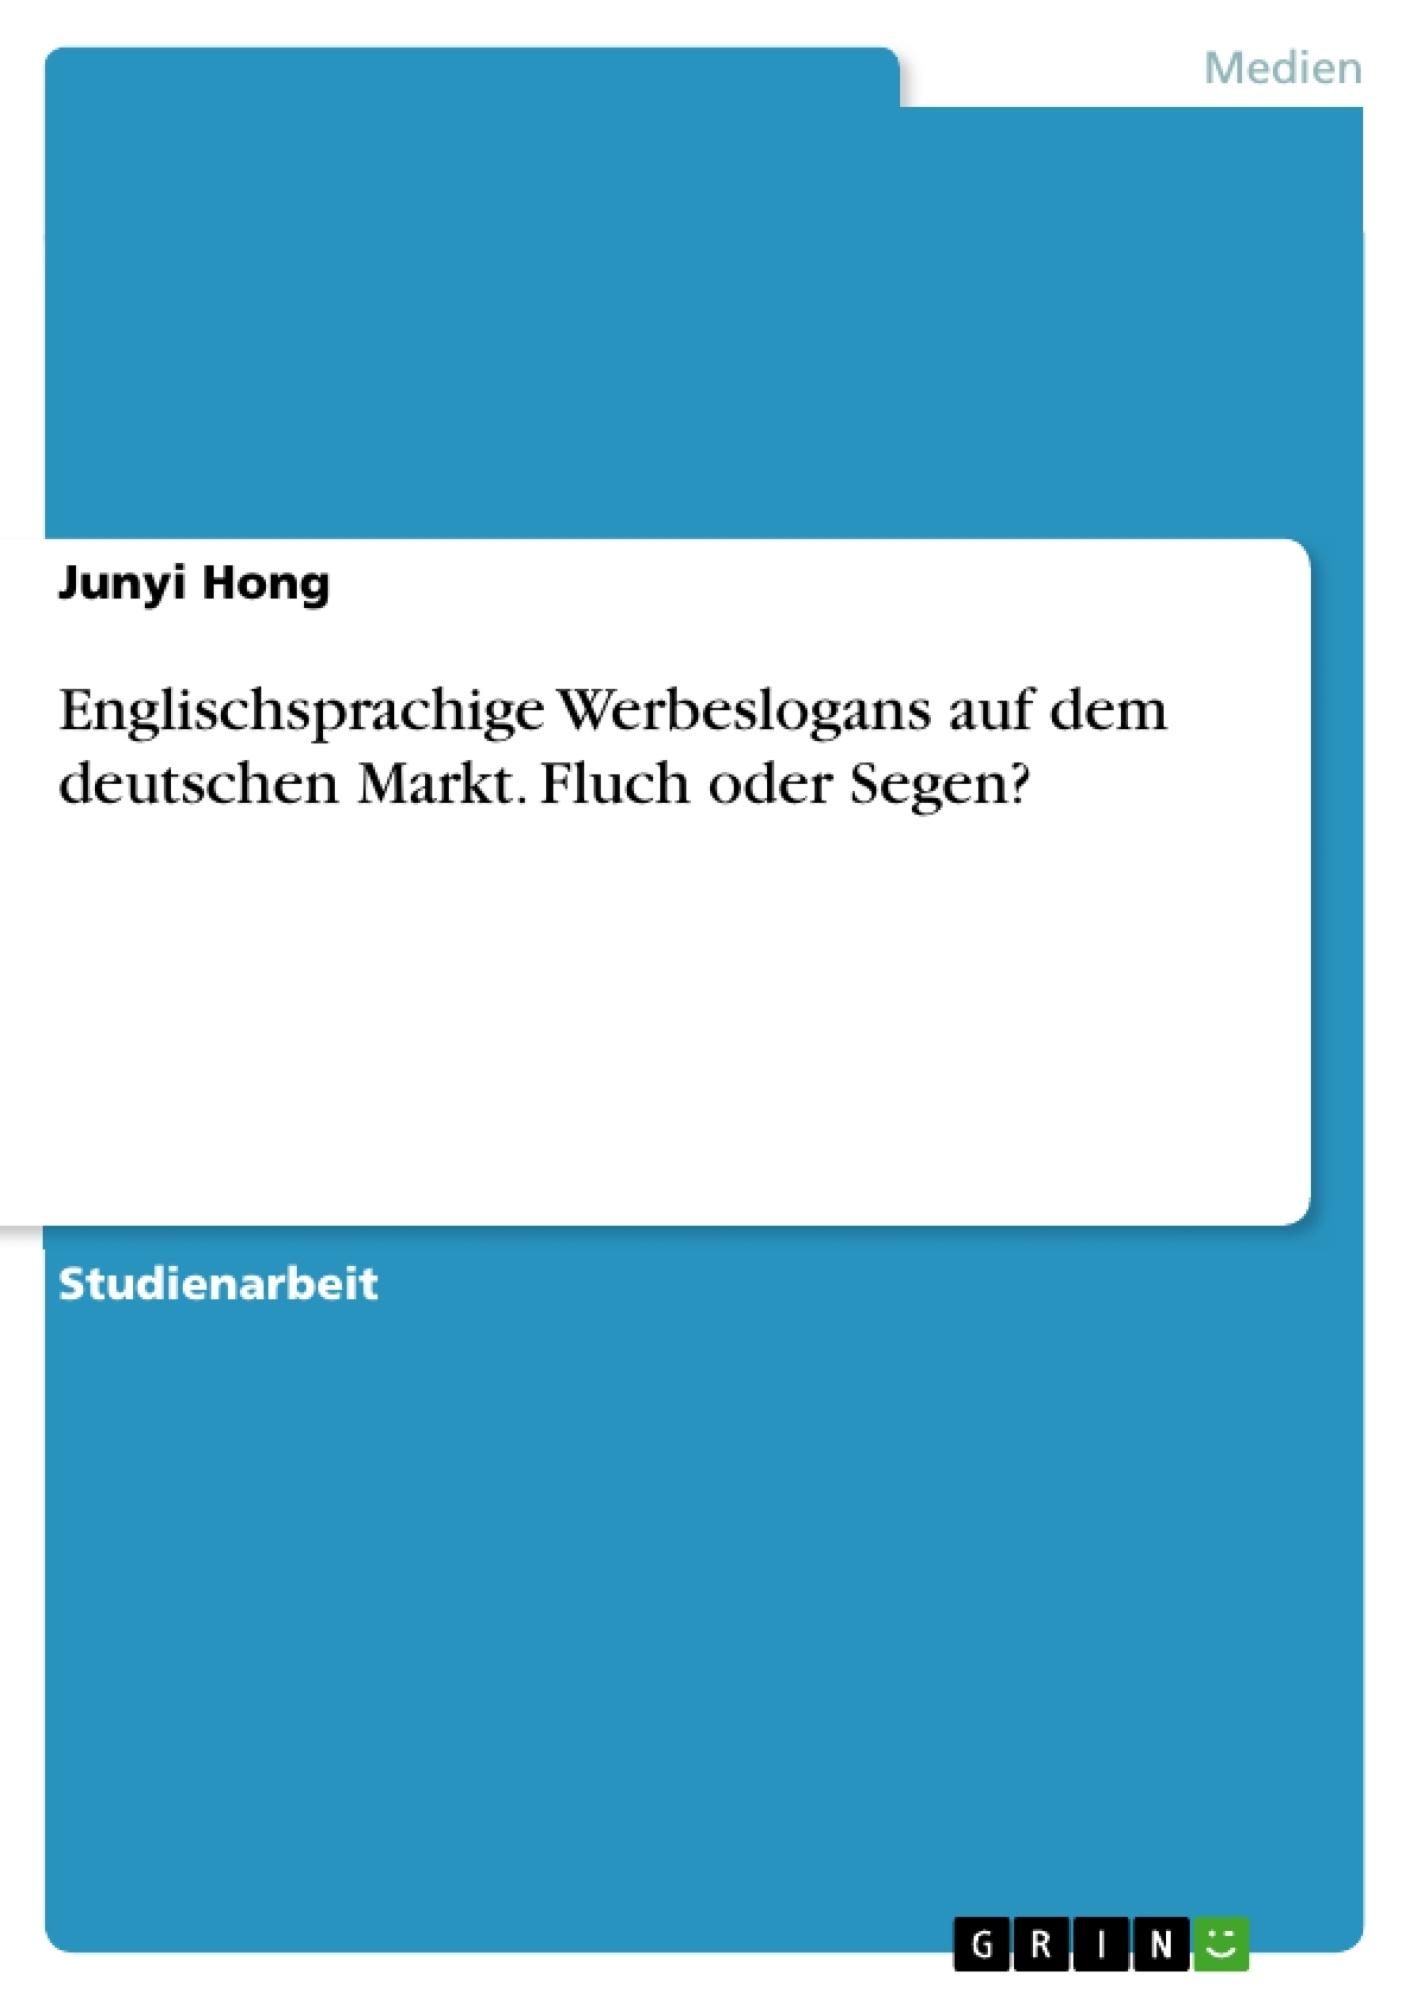 Titel: Englischsprachige Werbeslogans auf dem deutschen Markt. Fluch oder Segen?